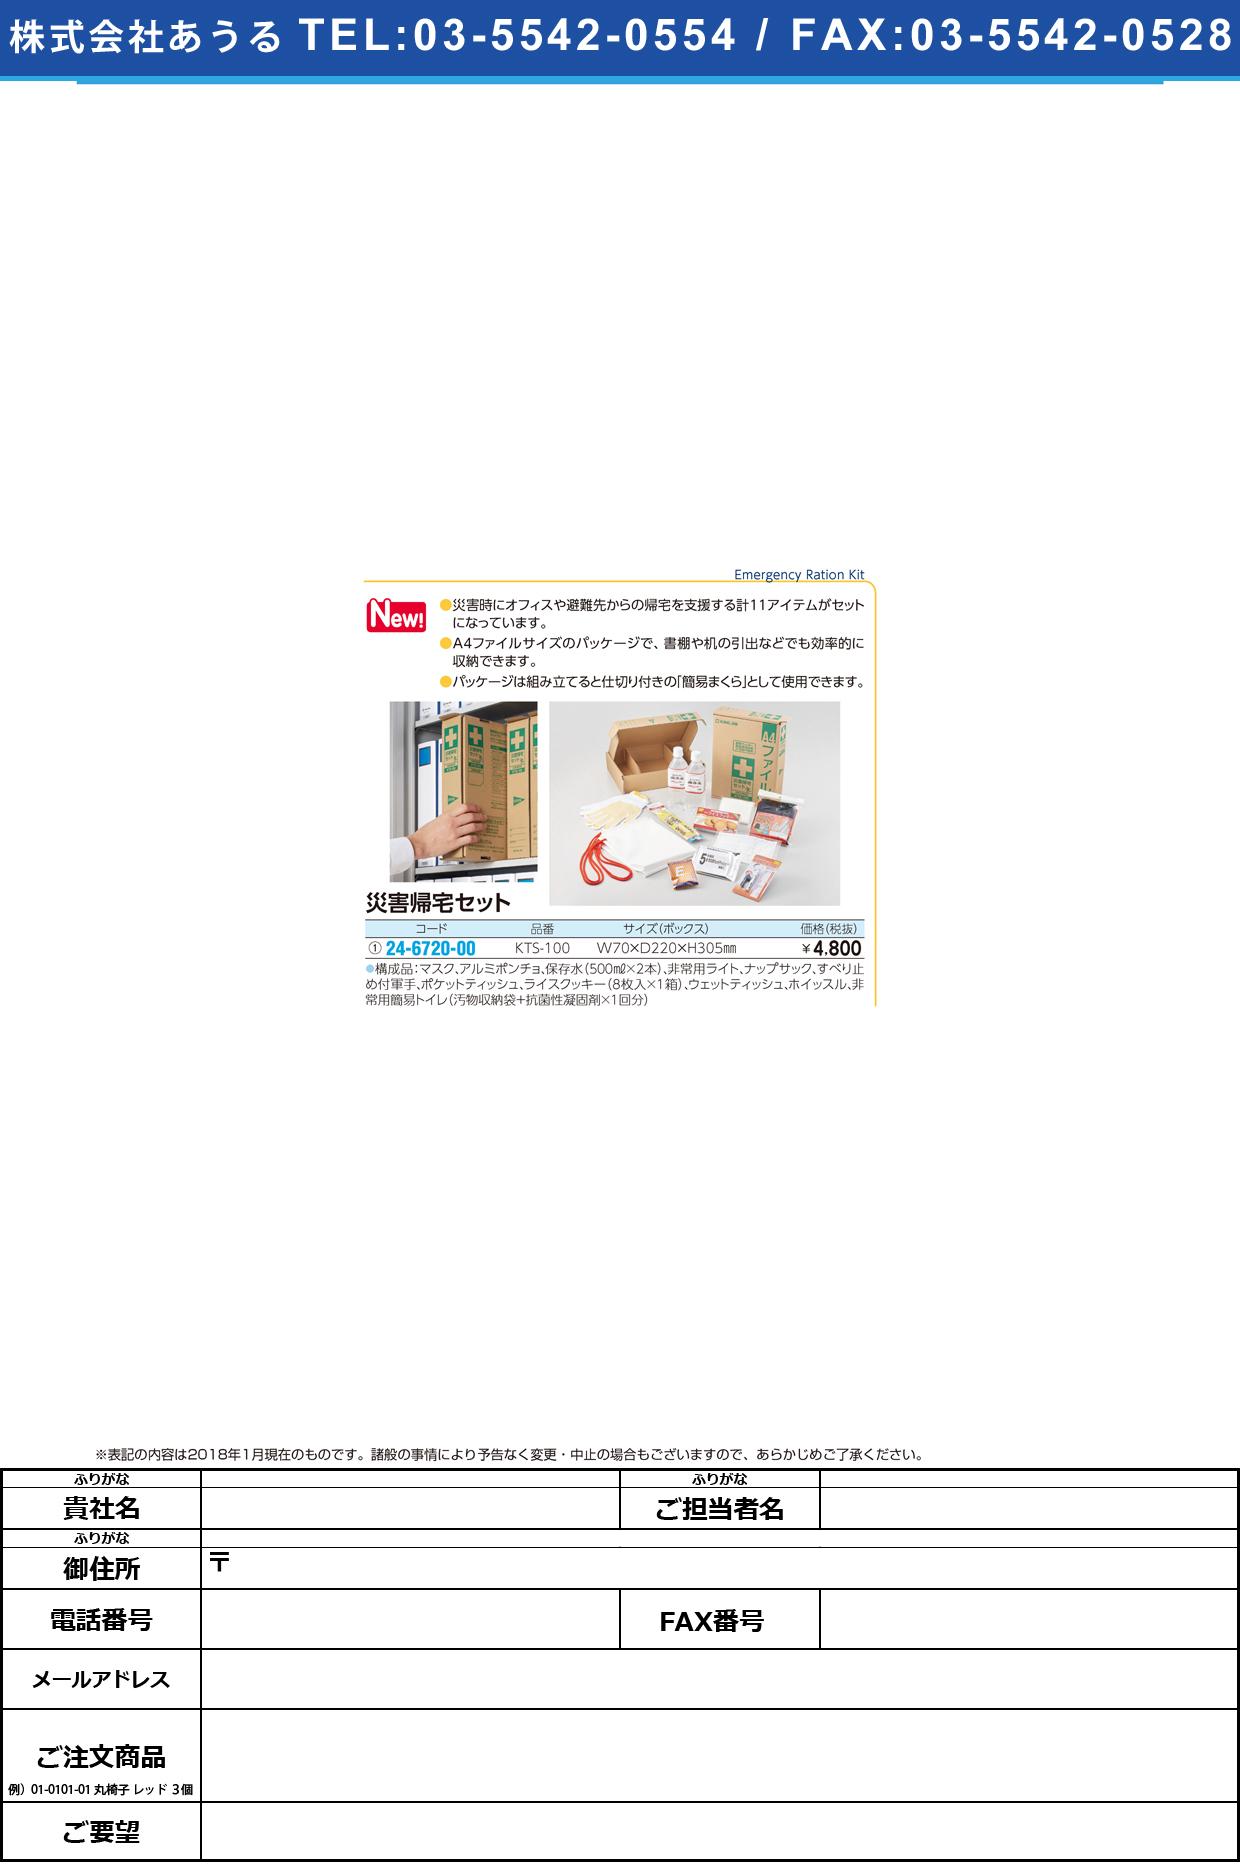 (24-6720-00)災害帰宅セット(A4ファイルサイズ) KTS-100 サイガイキタクセット【1個単位】【2018年カタログ商品】